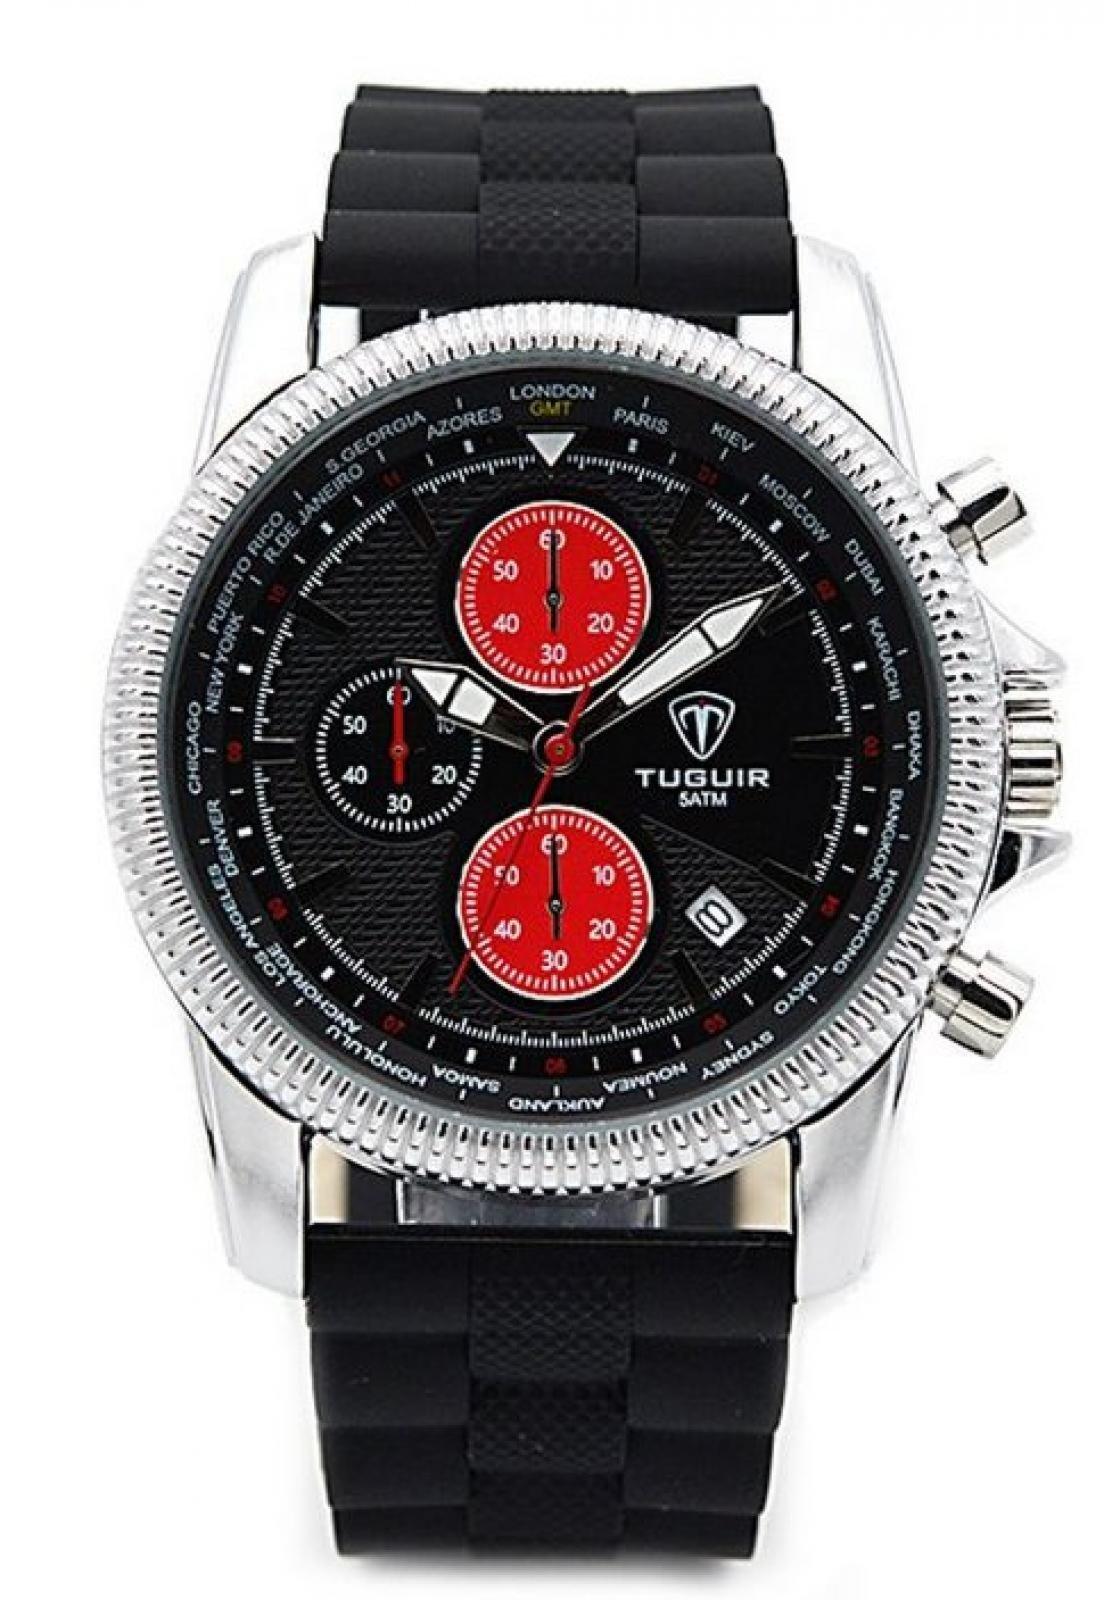 92b896499 Relógios tops em promoção - Blog Kanui